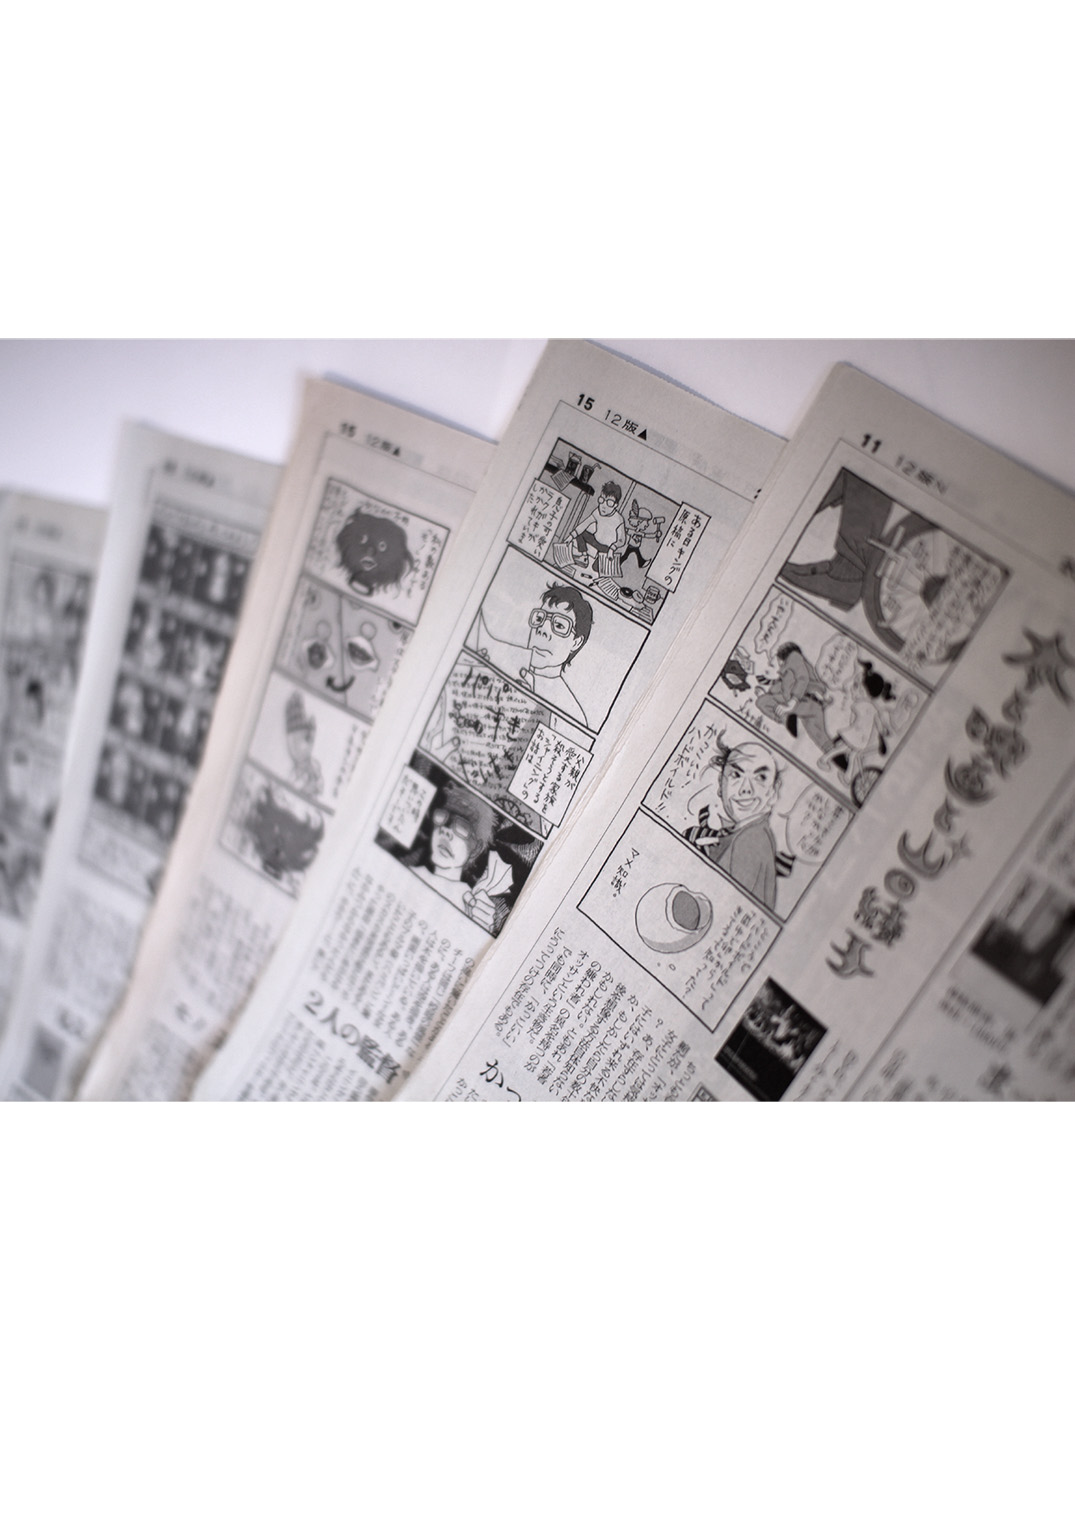 コラムと4コマ漫画